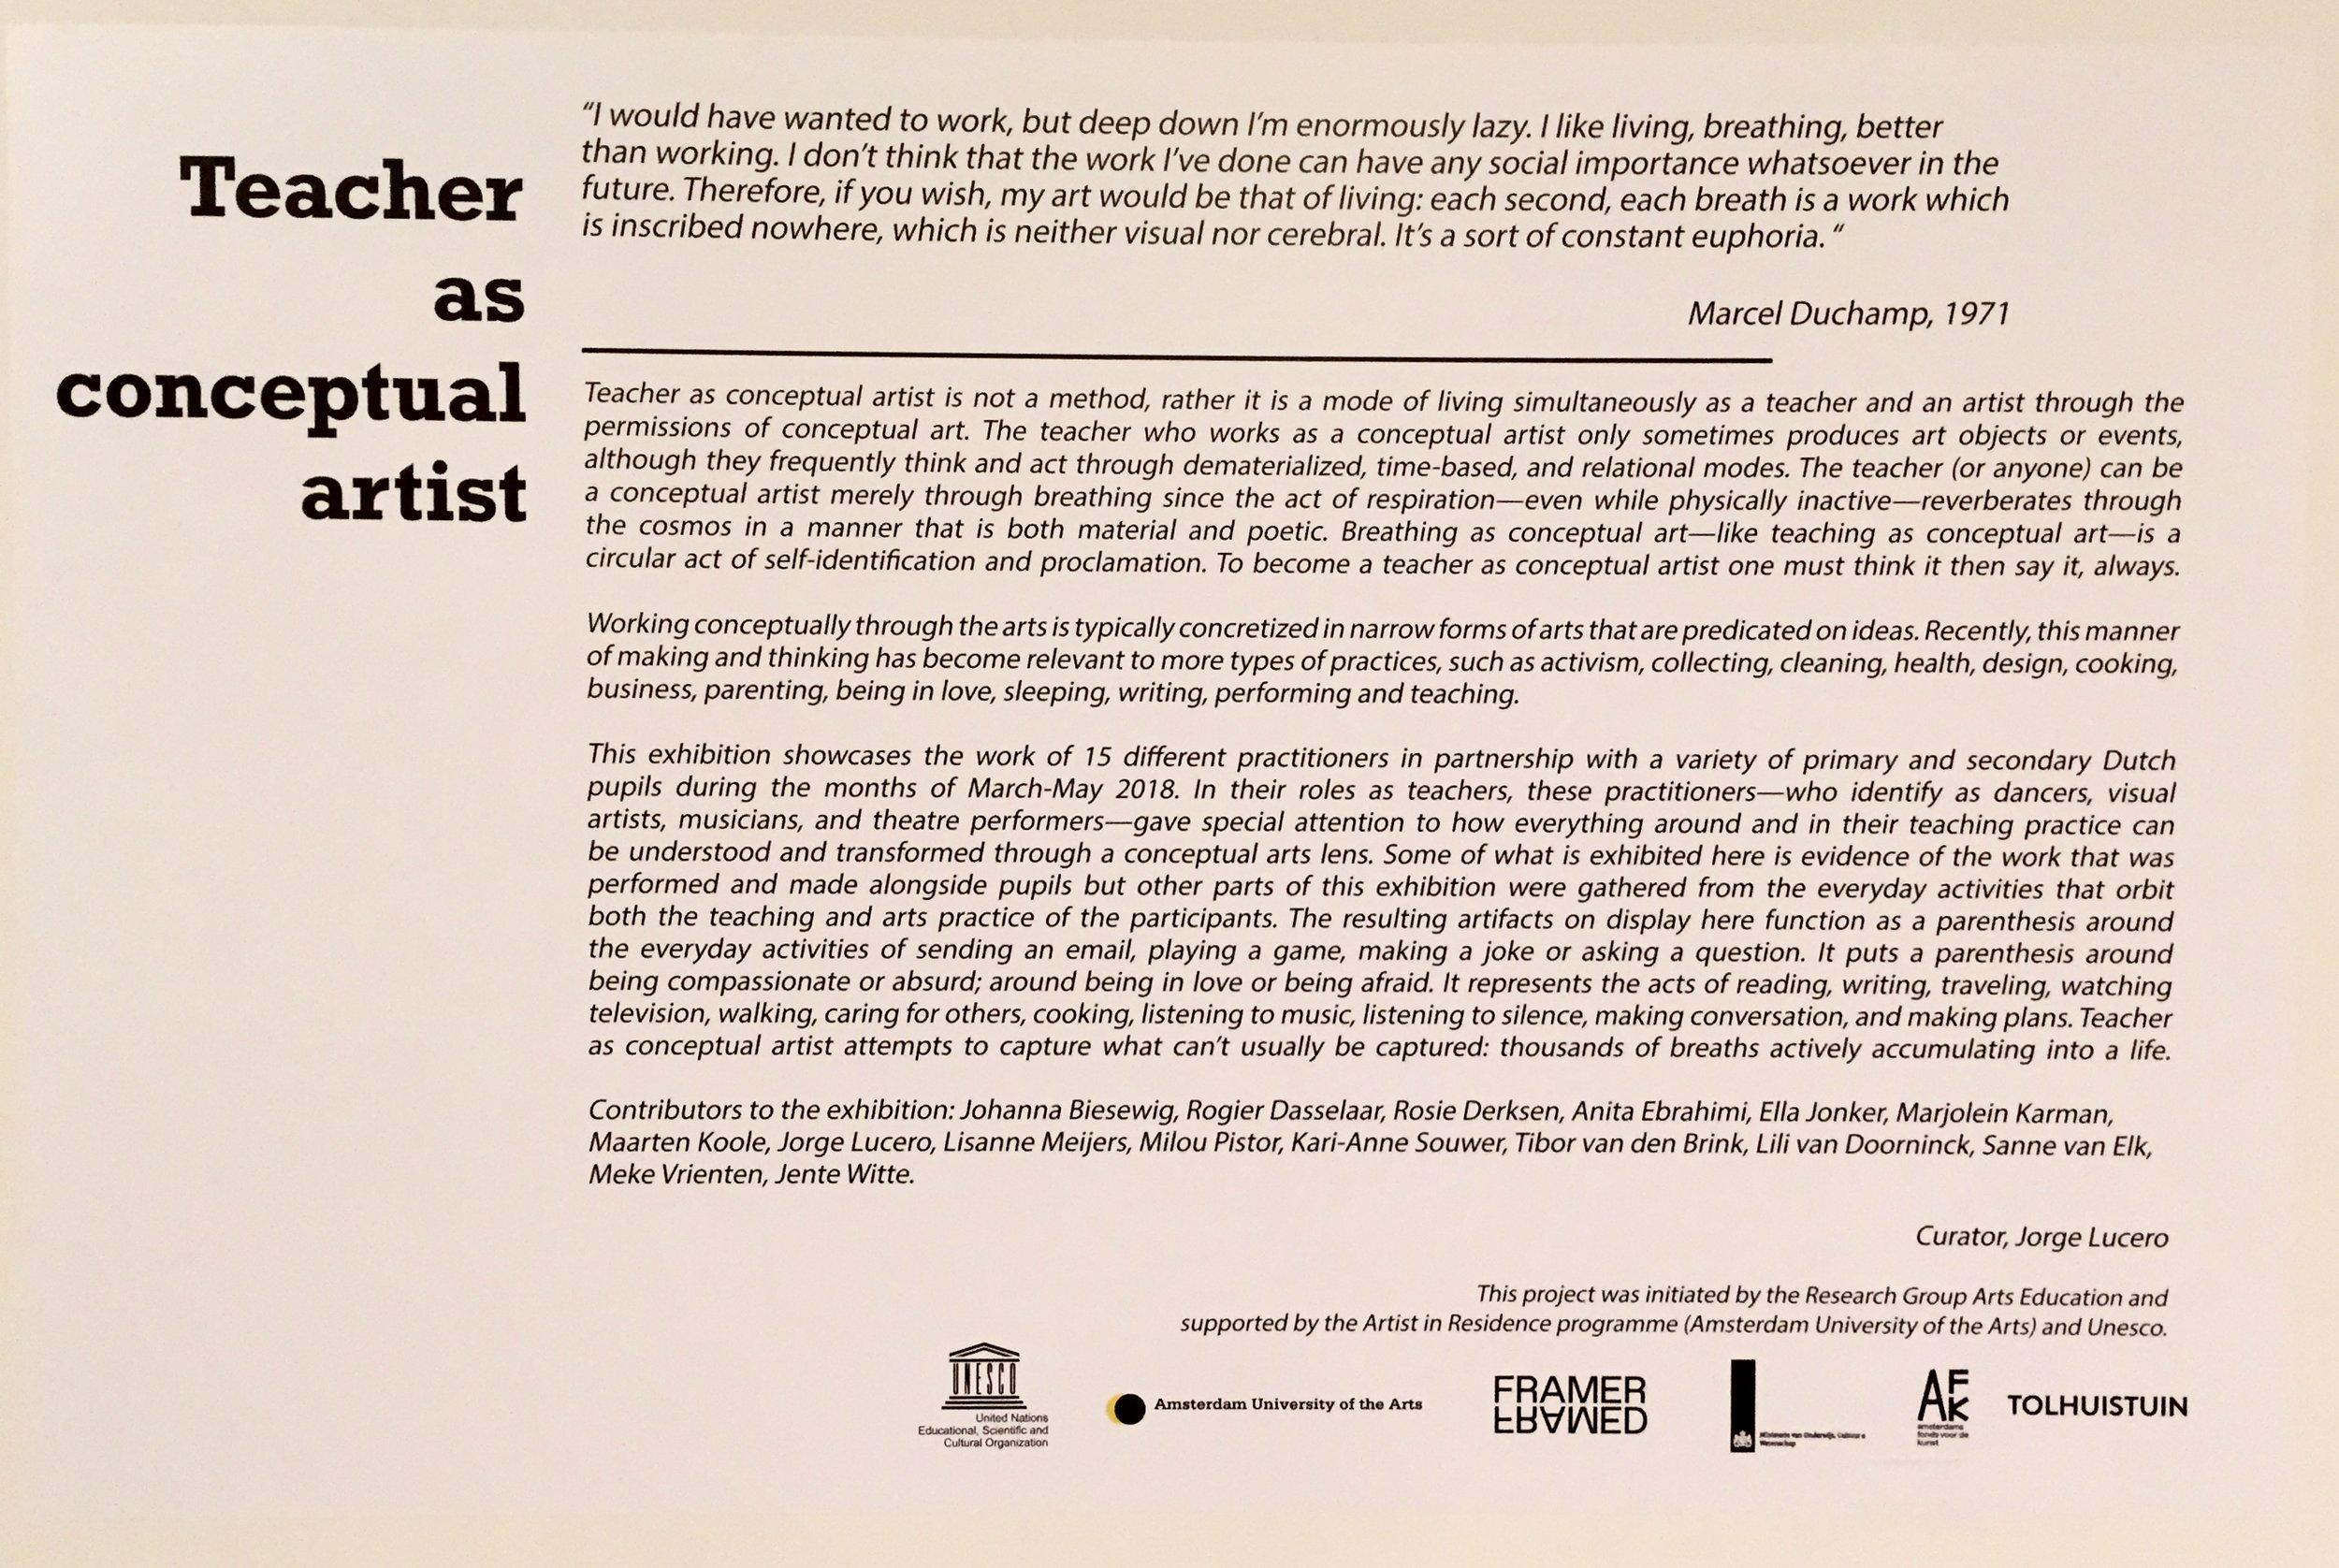 Teacher as conceptual artist exhibition wall text